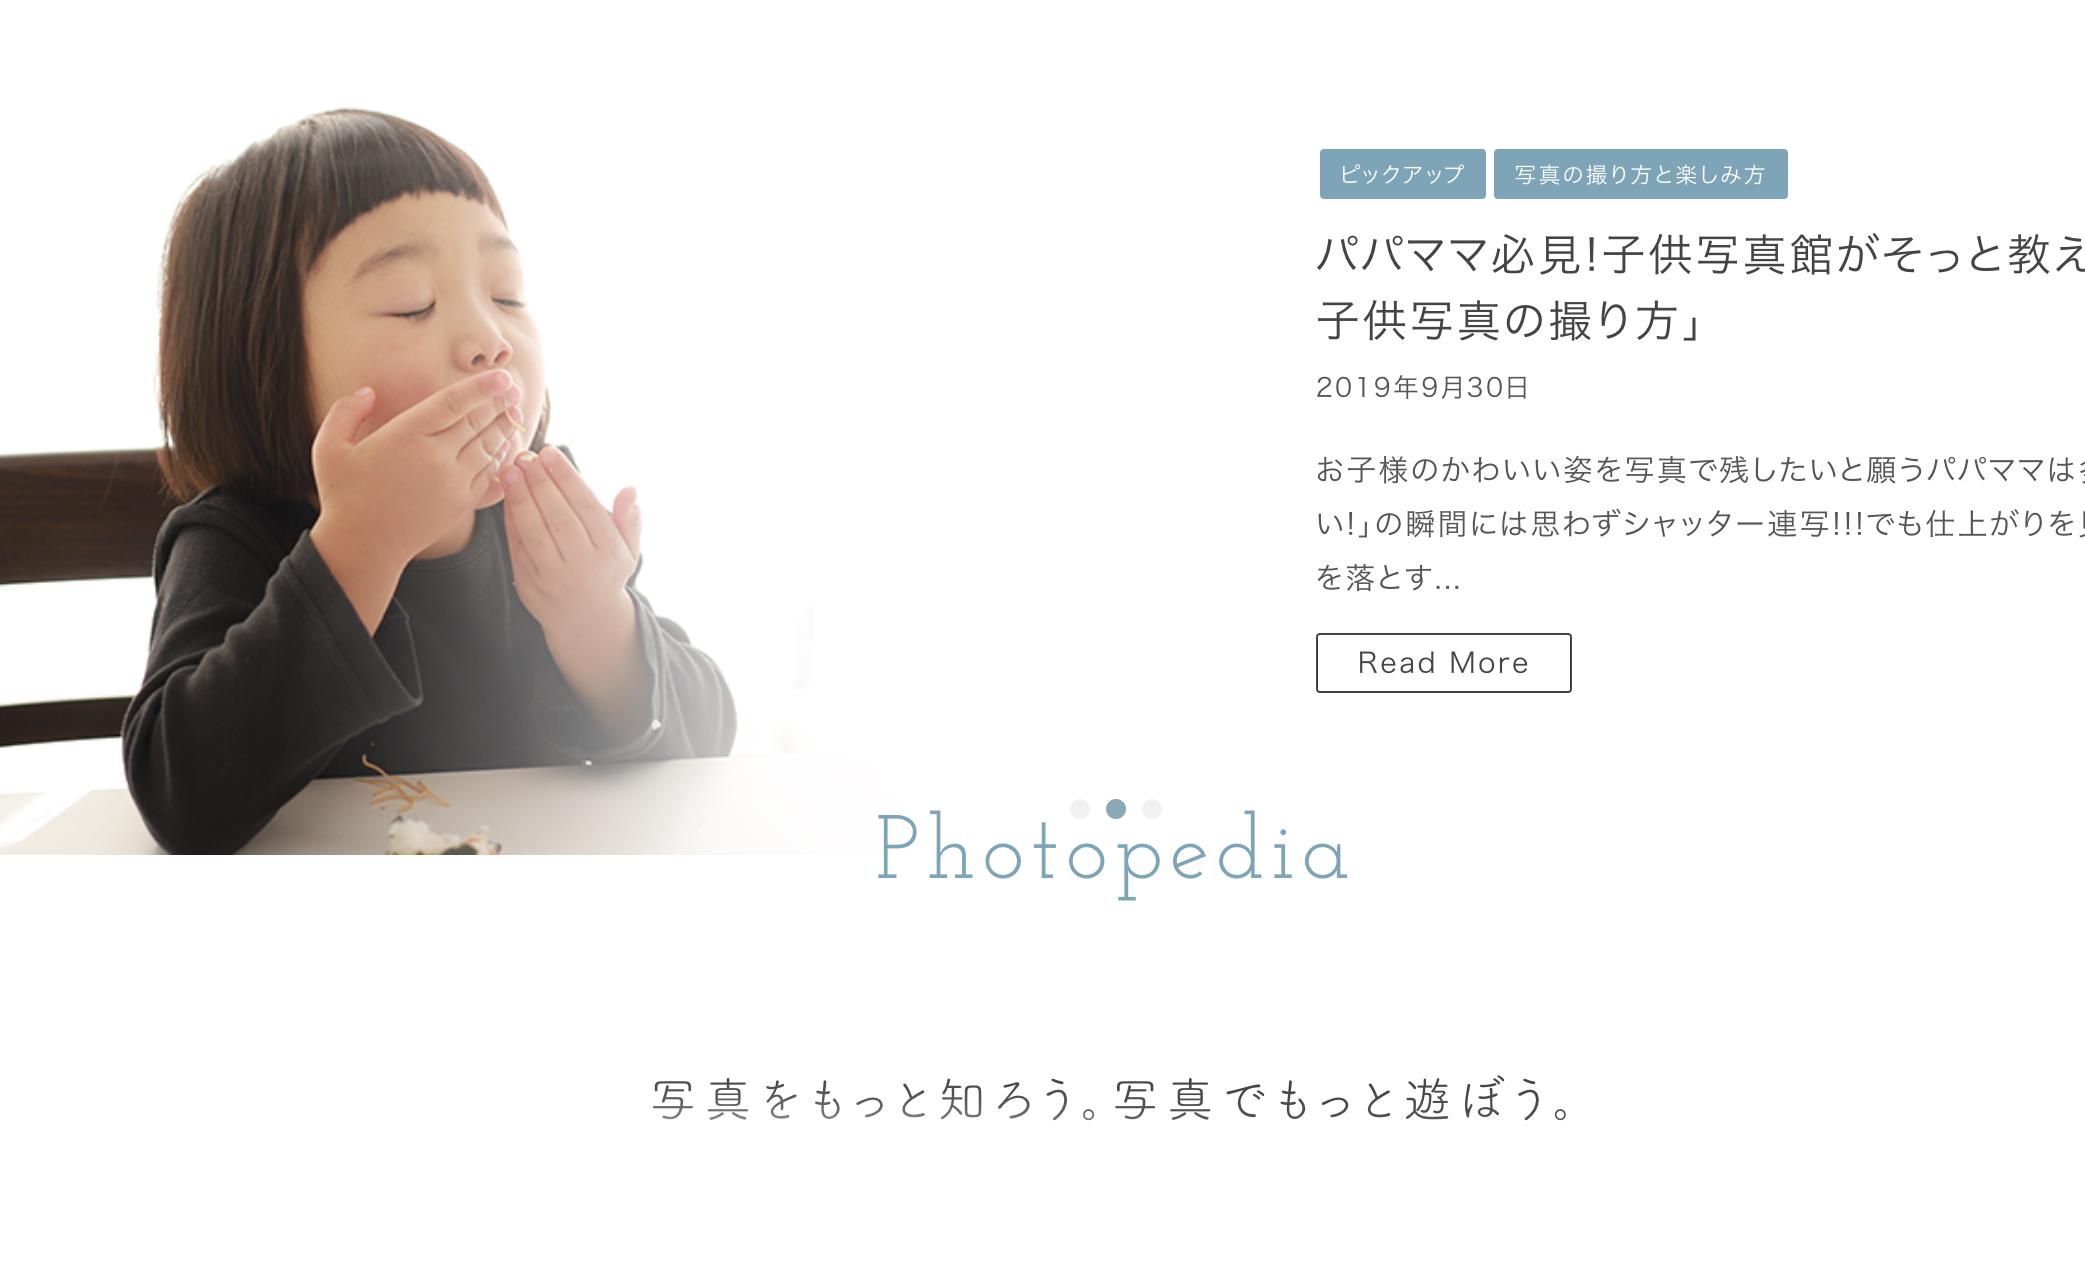 写真やスタジオに関する知恵袋Photopedia(フォトペディア)をサイトメニューに新設!